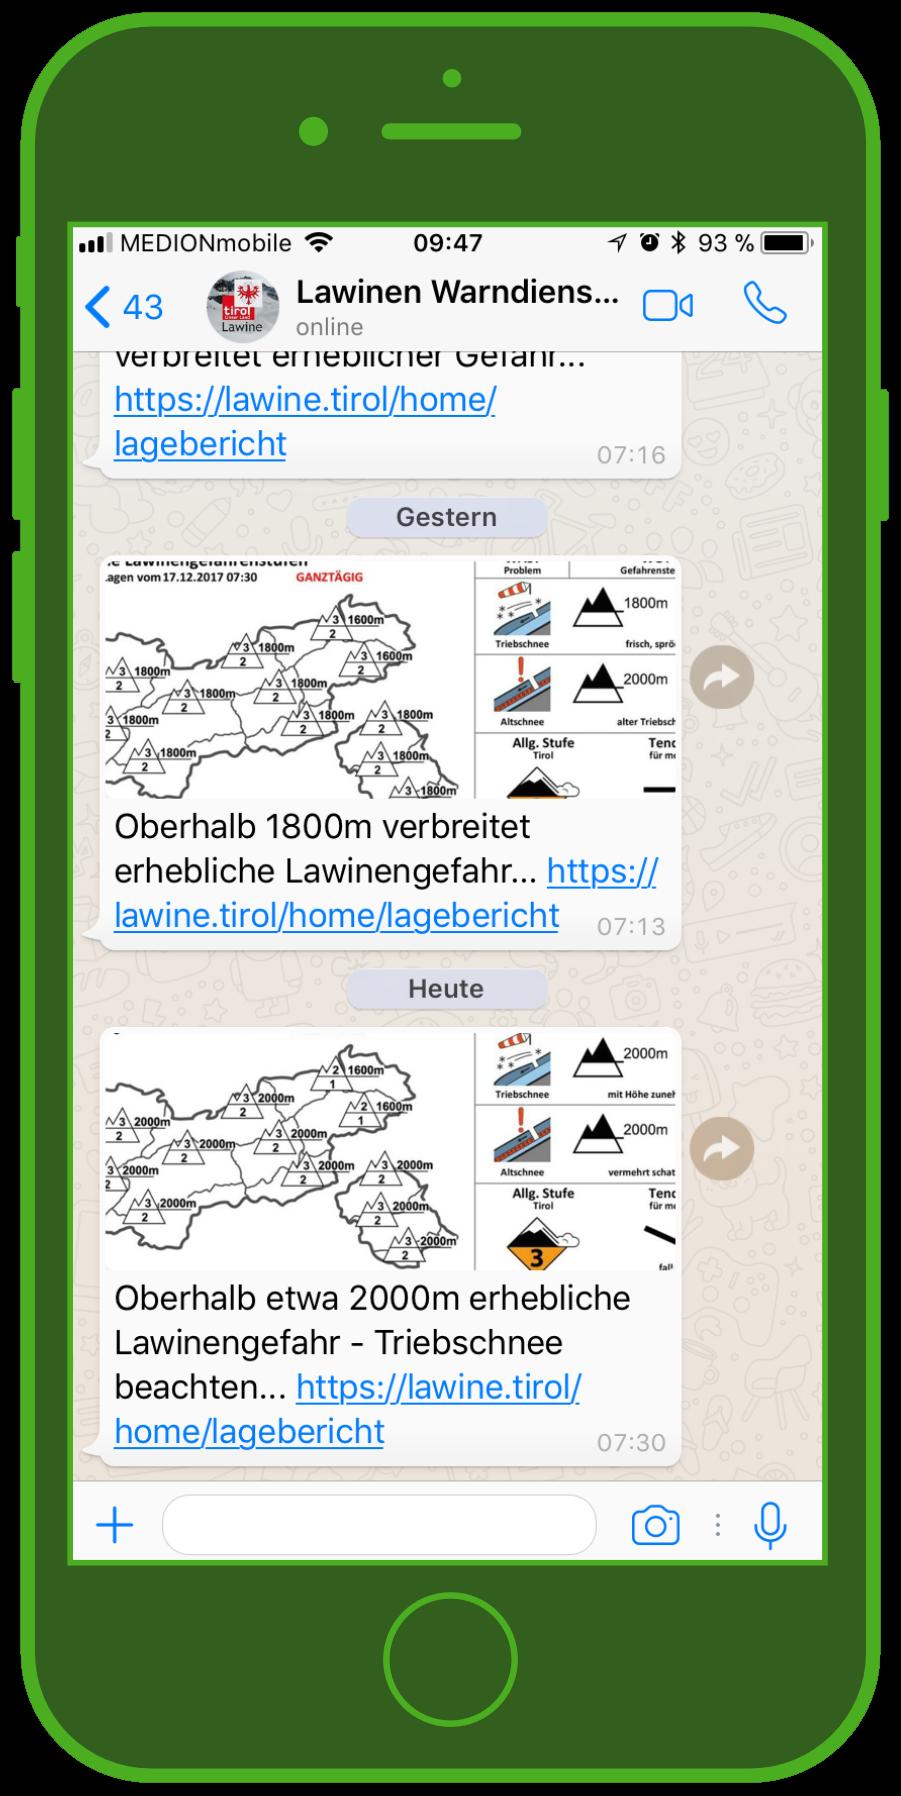 lawinenwarndienst-tirol-whatsapp-alert